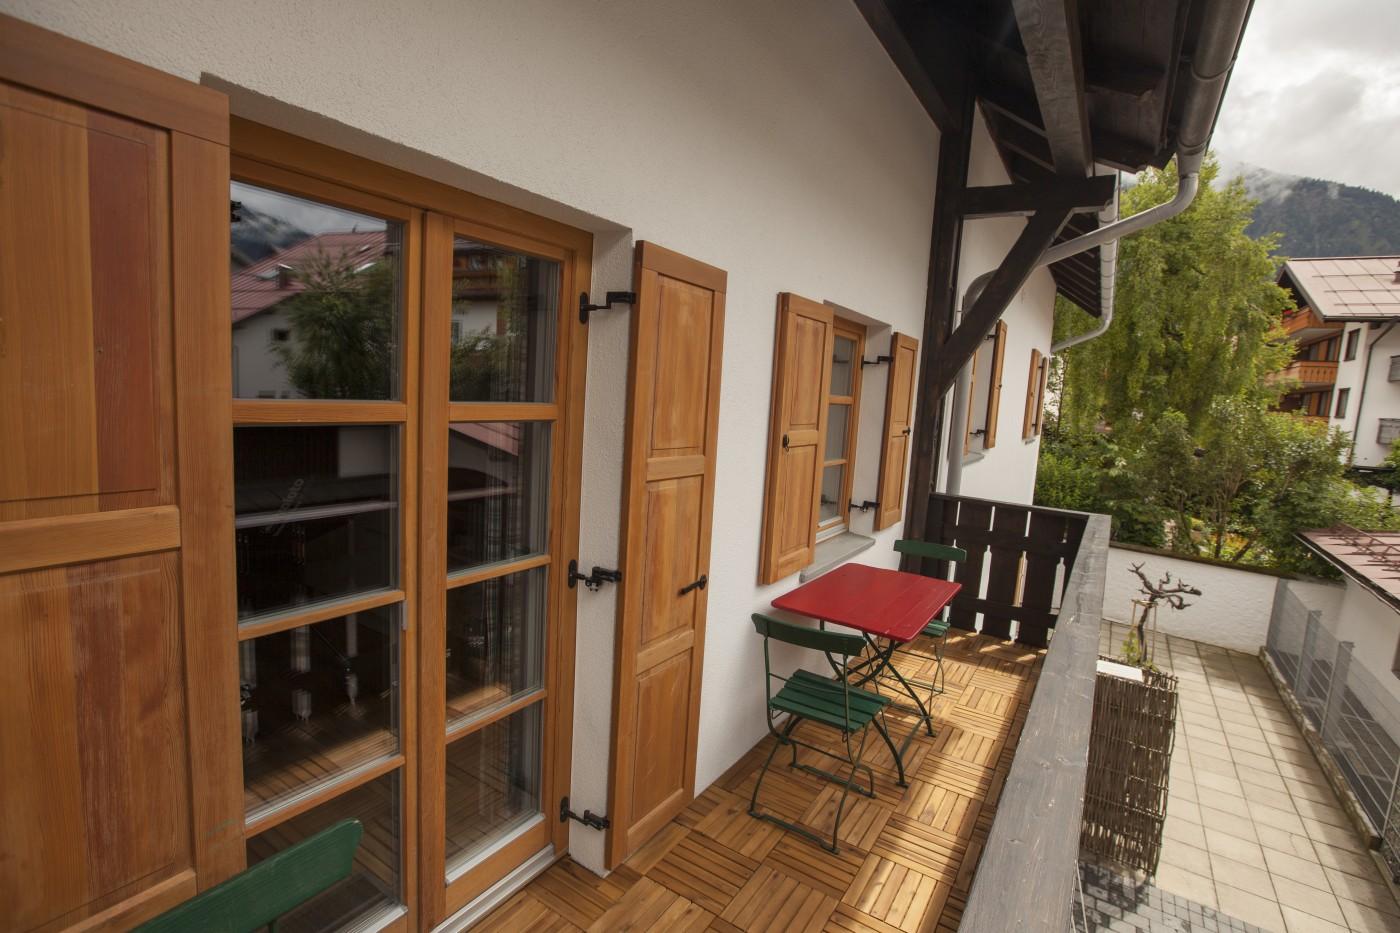 Ferienwohnung Georg Mayer Haus / Wohnung 4 (2397453), Oberstdorf, Allgäu (Bayern), Bayern, Deutschland, Bild 11